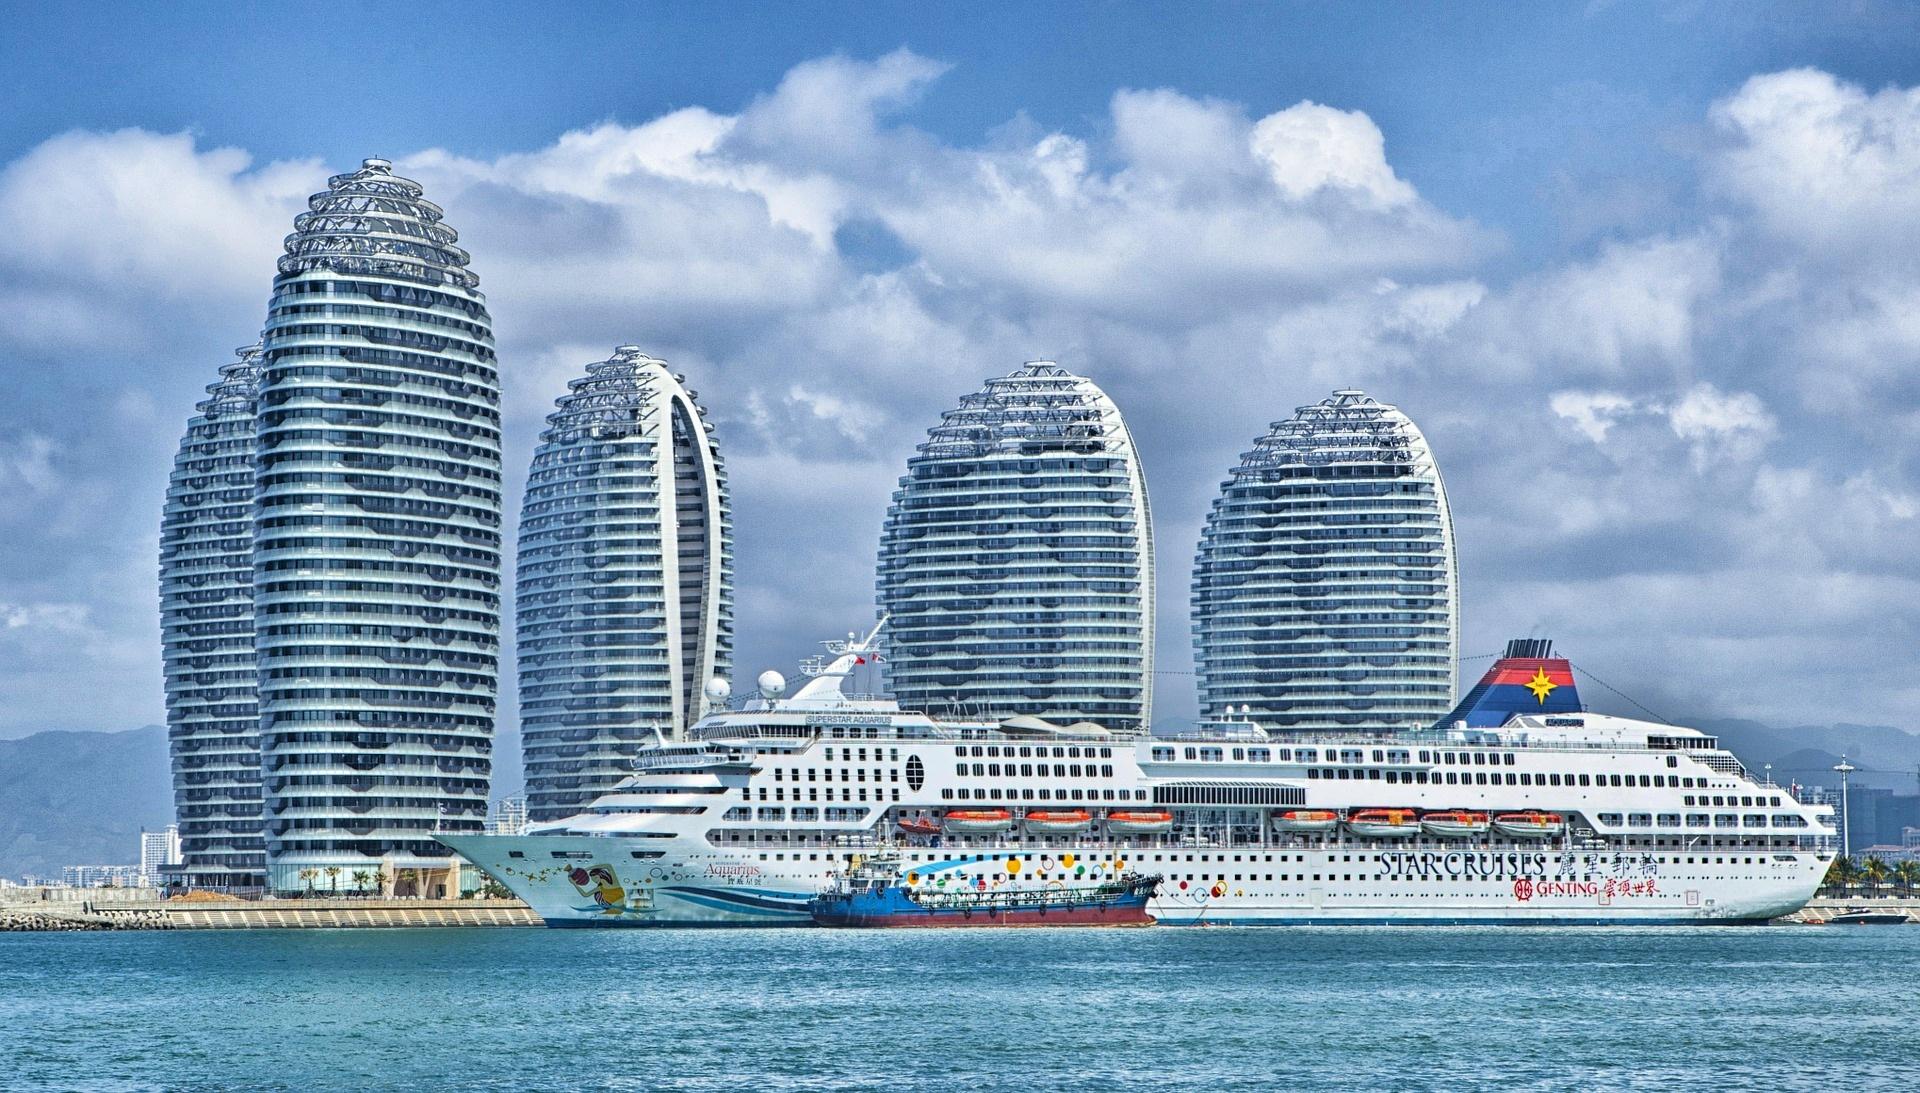 China, Africa and Haiti